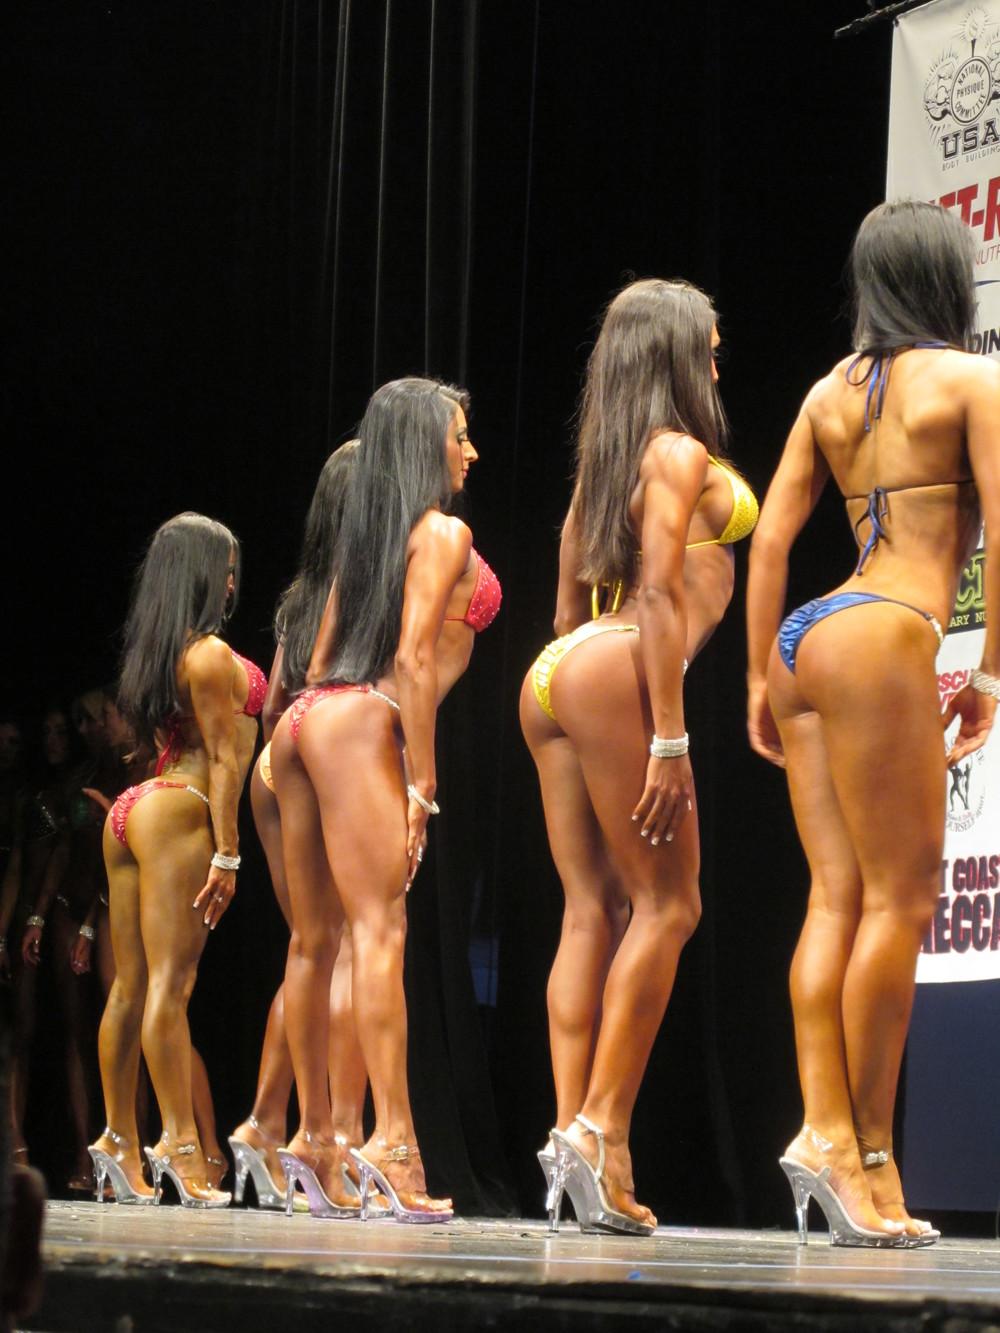 bodybuilding 057.jpg